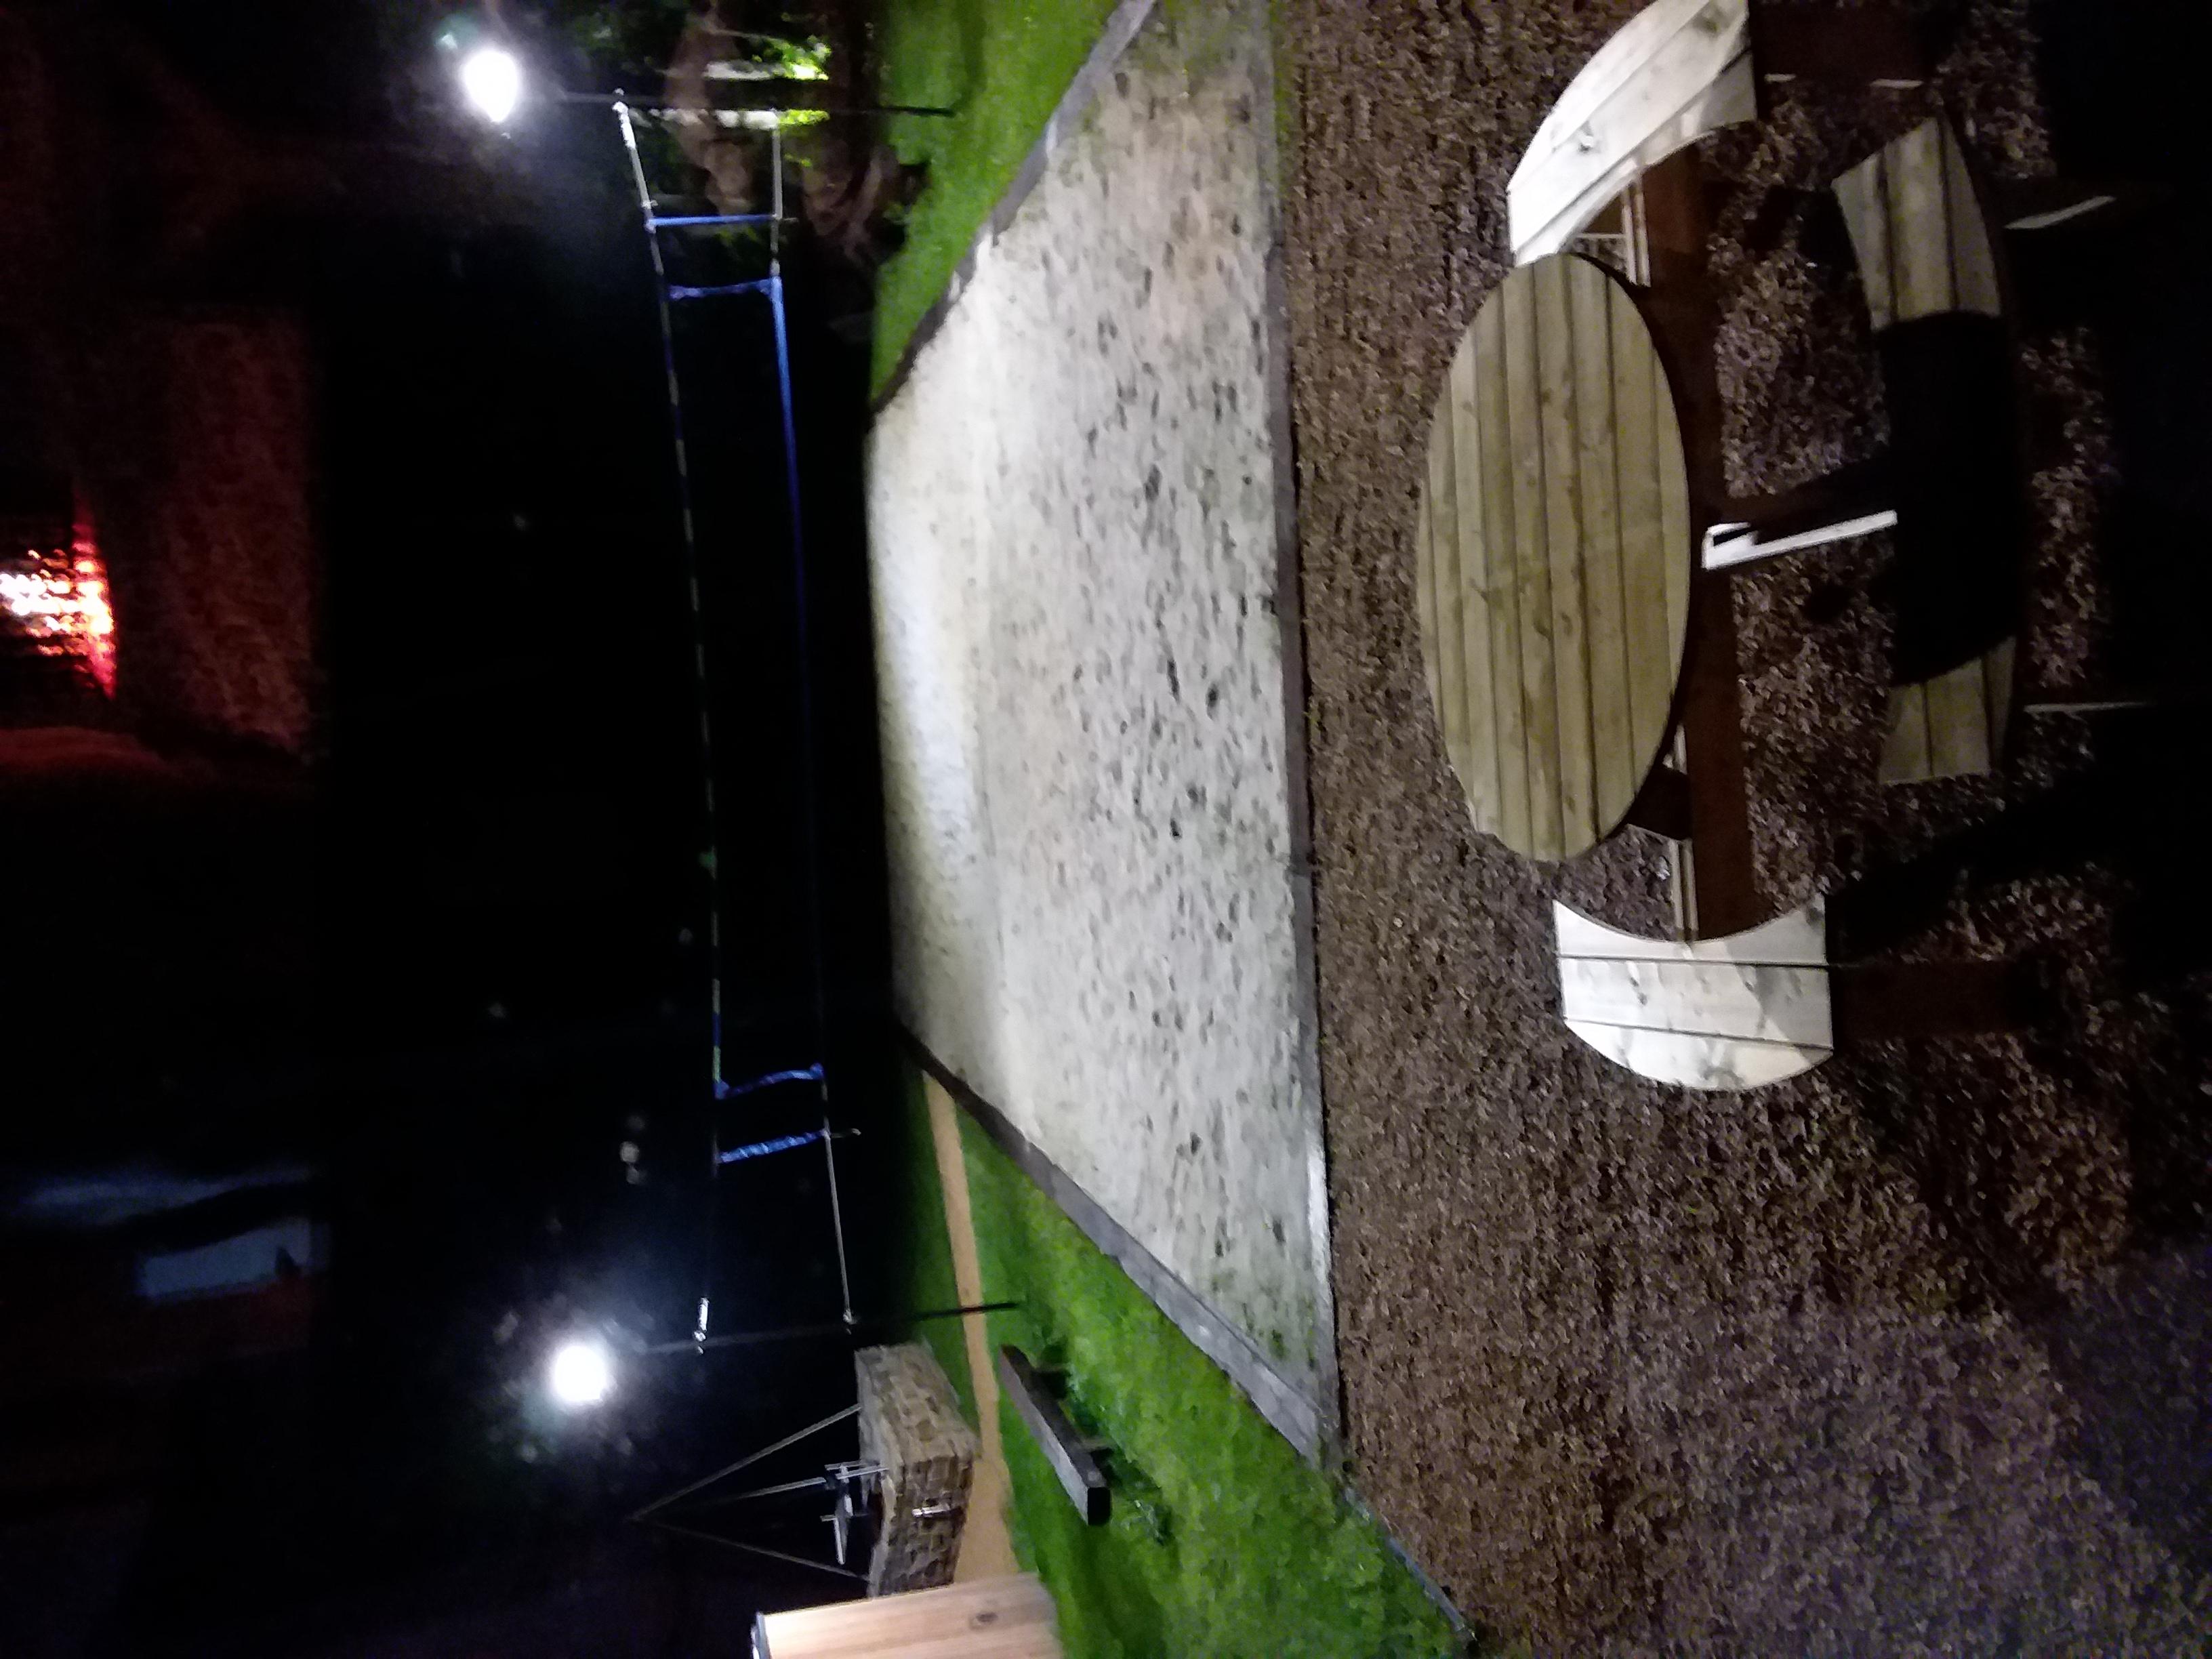 Terrain_de_volley_en_soirée